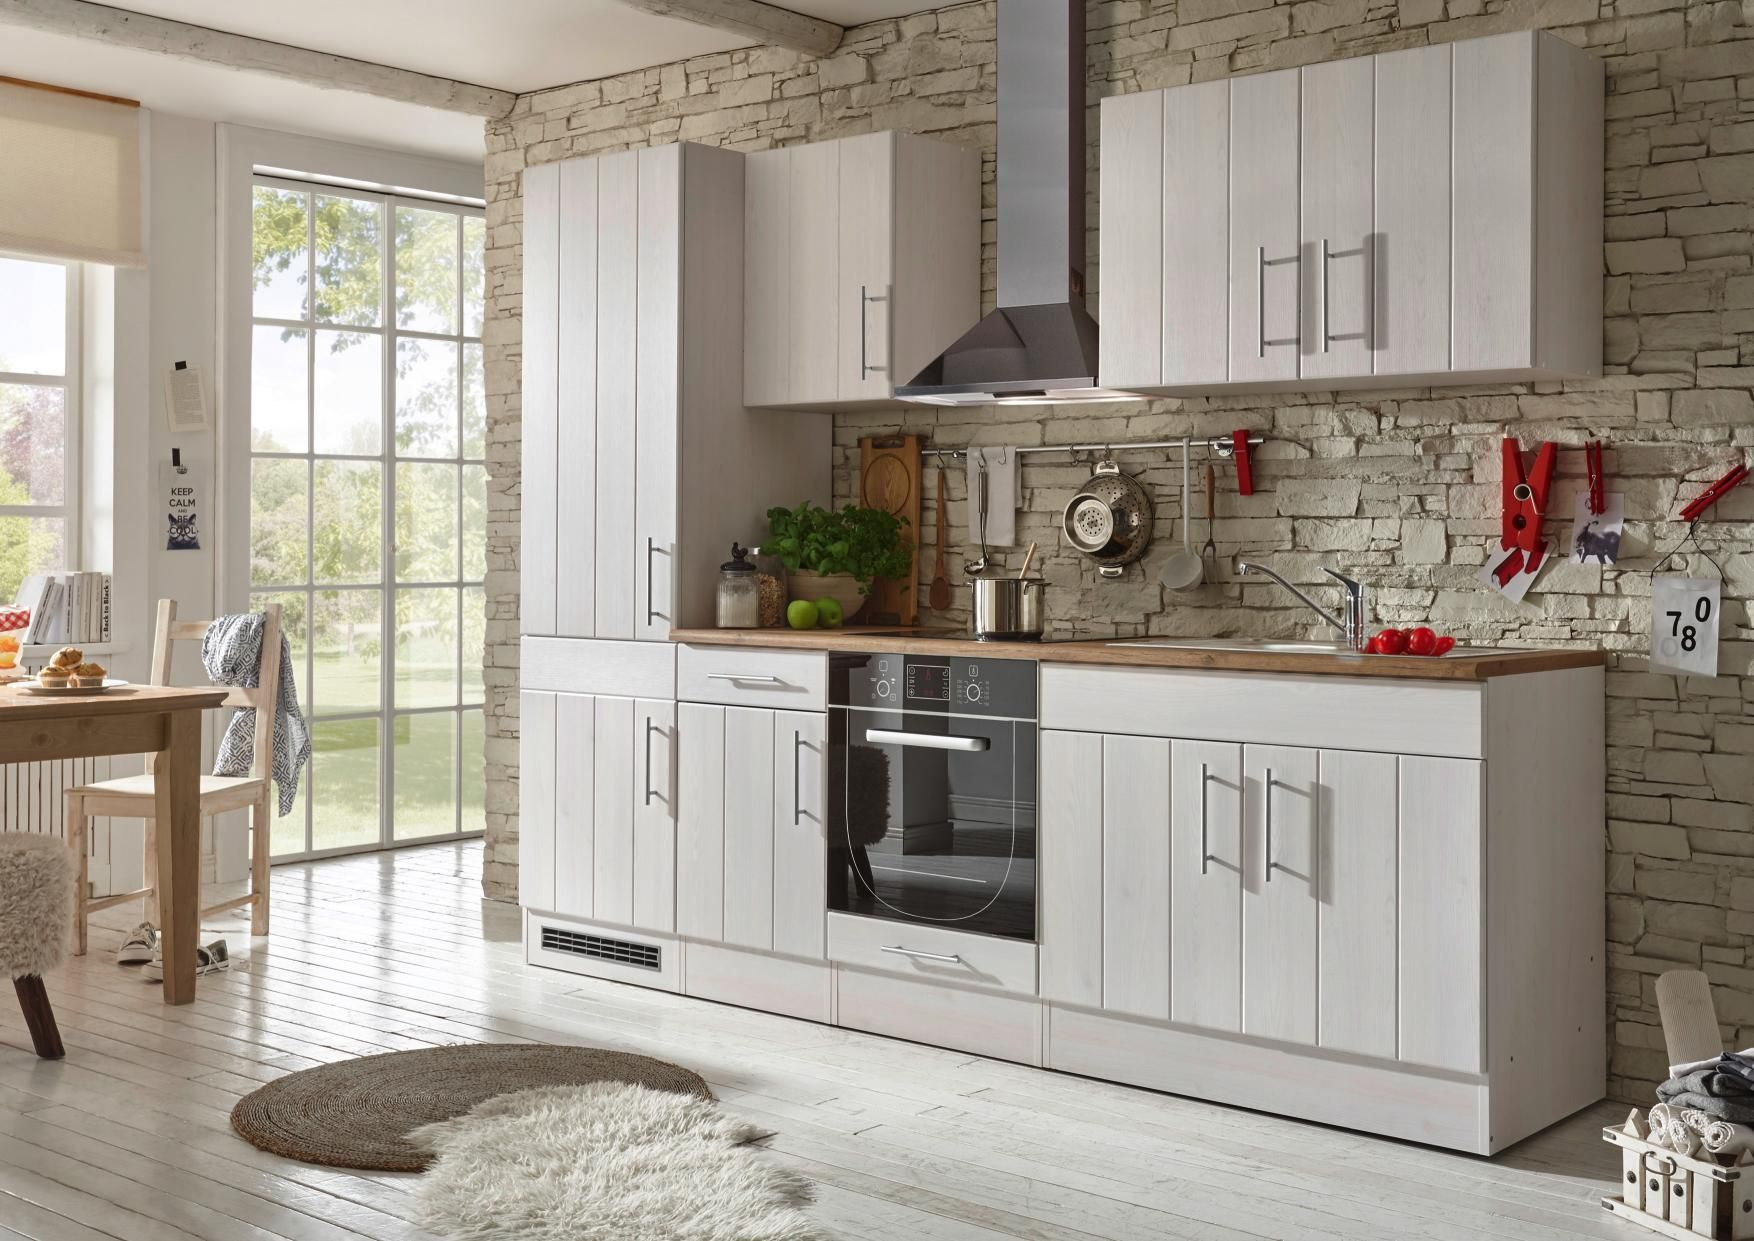 Küchenblock Im Skandinavischen Landhausstil: Zeitlos Schönes Design